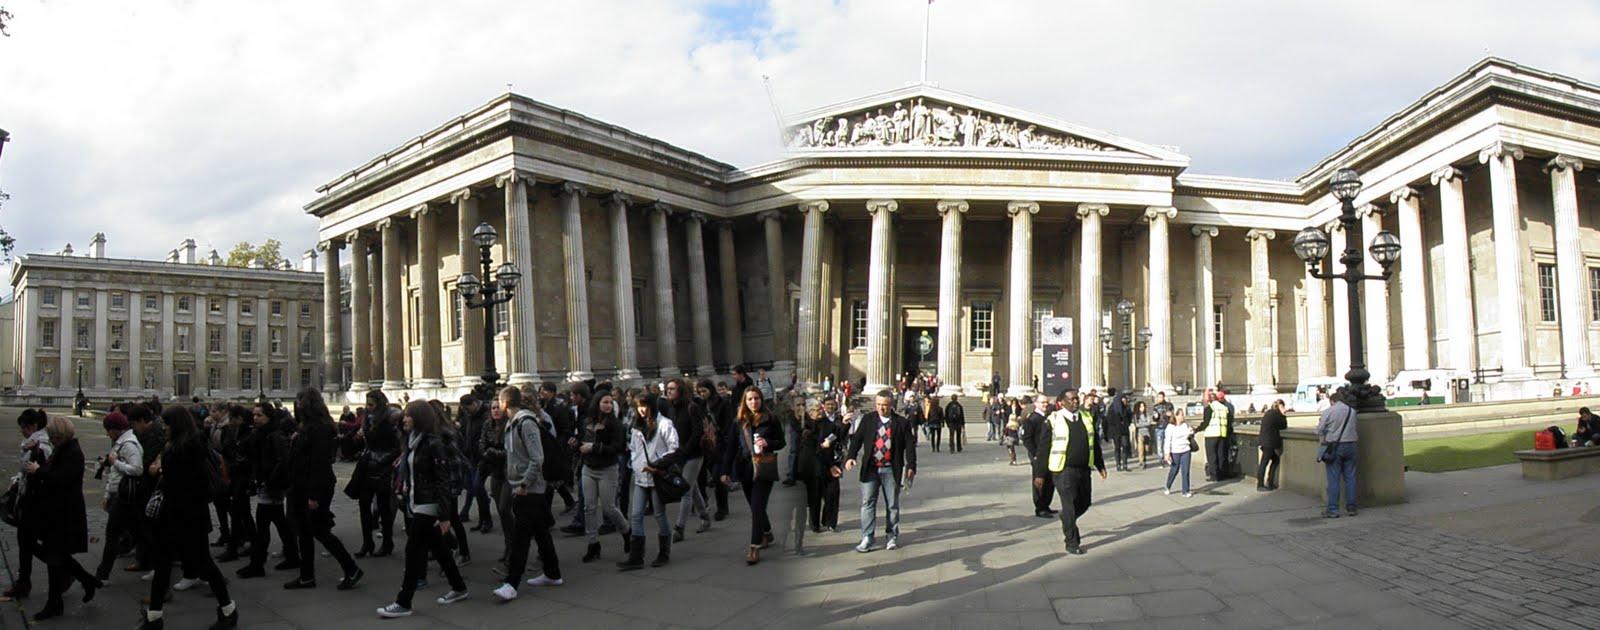 Λονδίνο - βρετανικό μουσείο